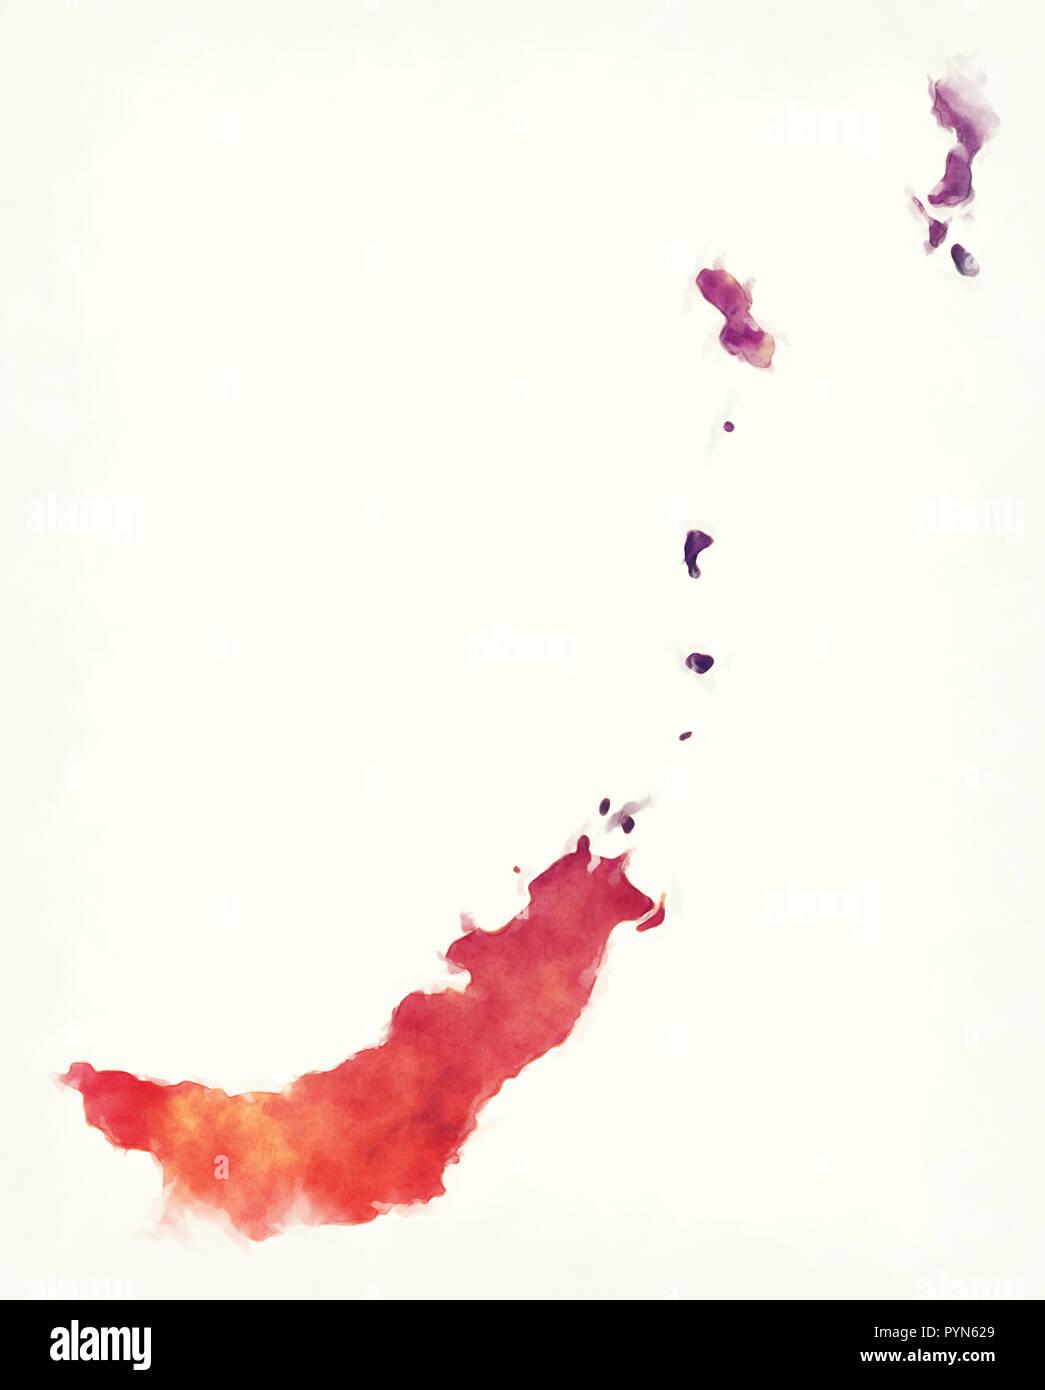 Peta Indonesia Merah Putih Png : indonesia, merah, putih, Sulawesi, Utara, Resolution, Stock, Photography, Images, Alamy